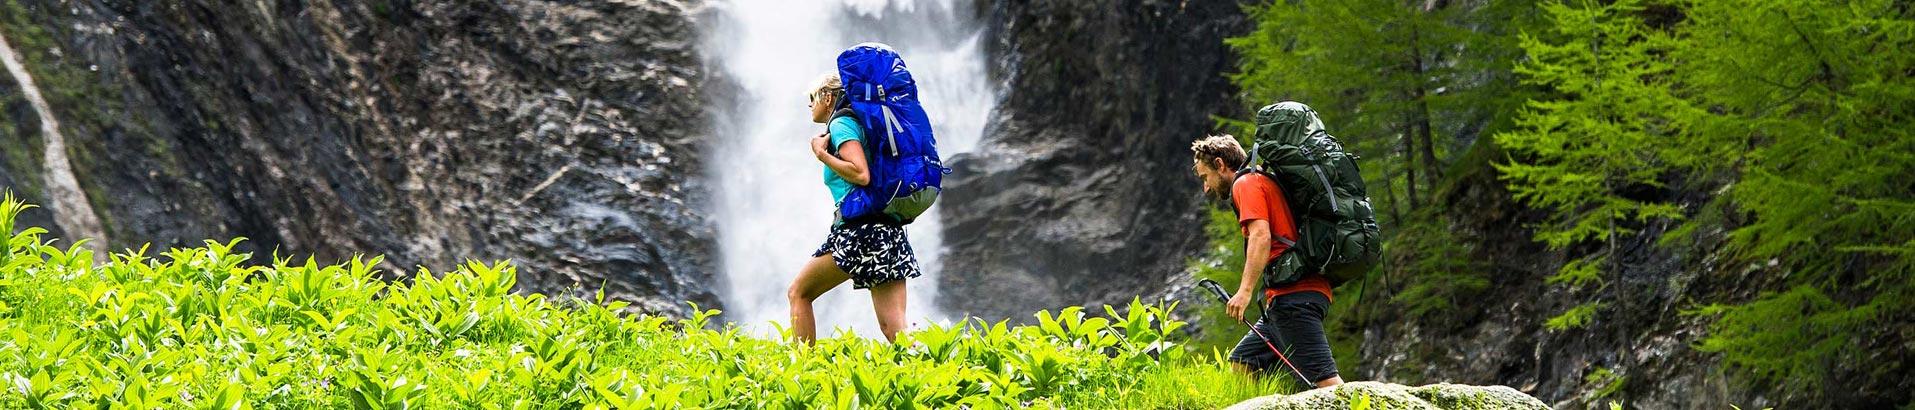 В этой статье мы поможем вам выбрать правильный рюкзак для вашего восхождения или похода